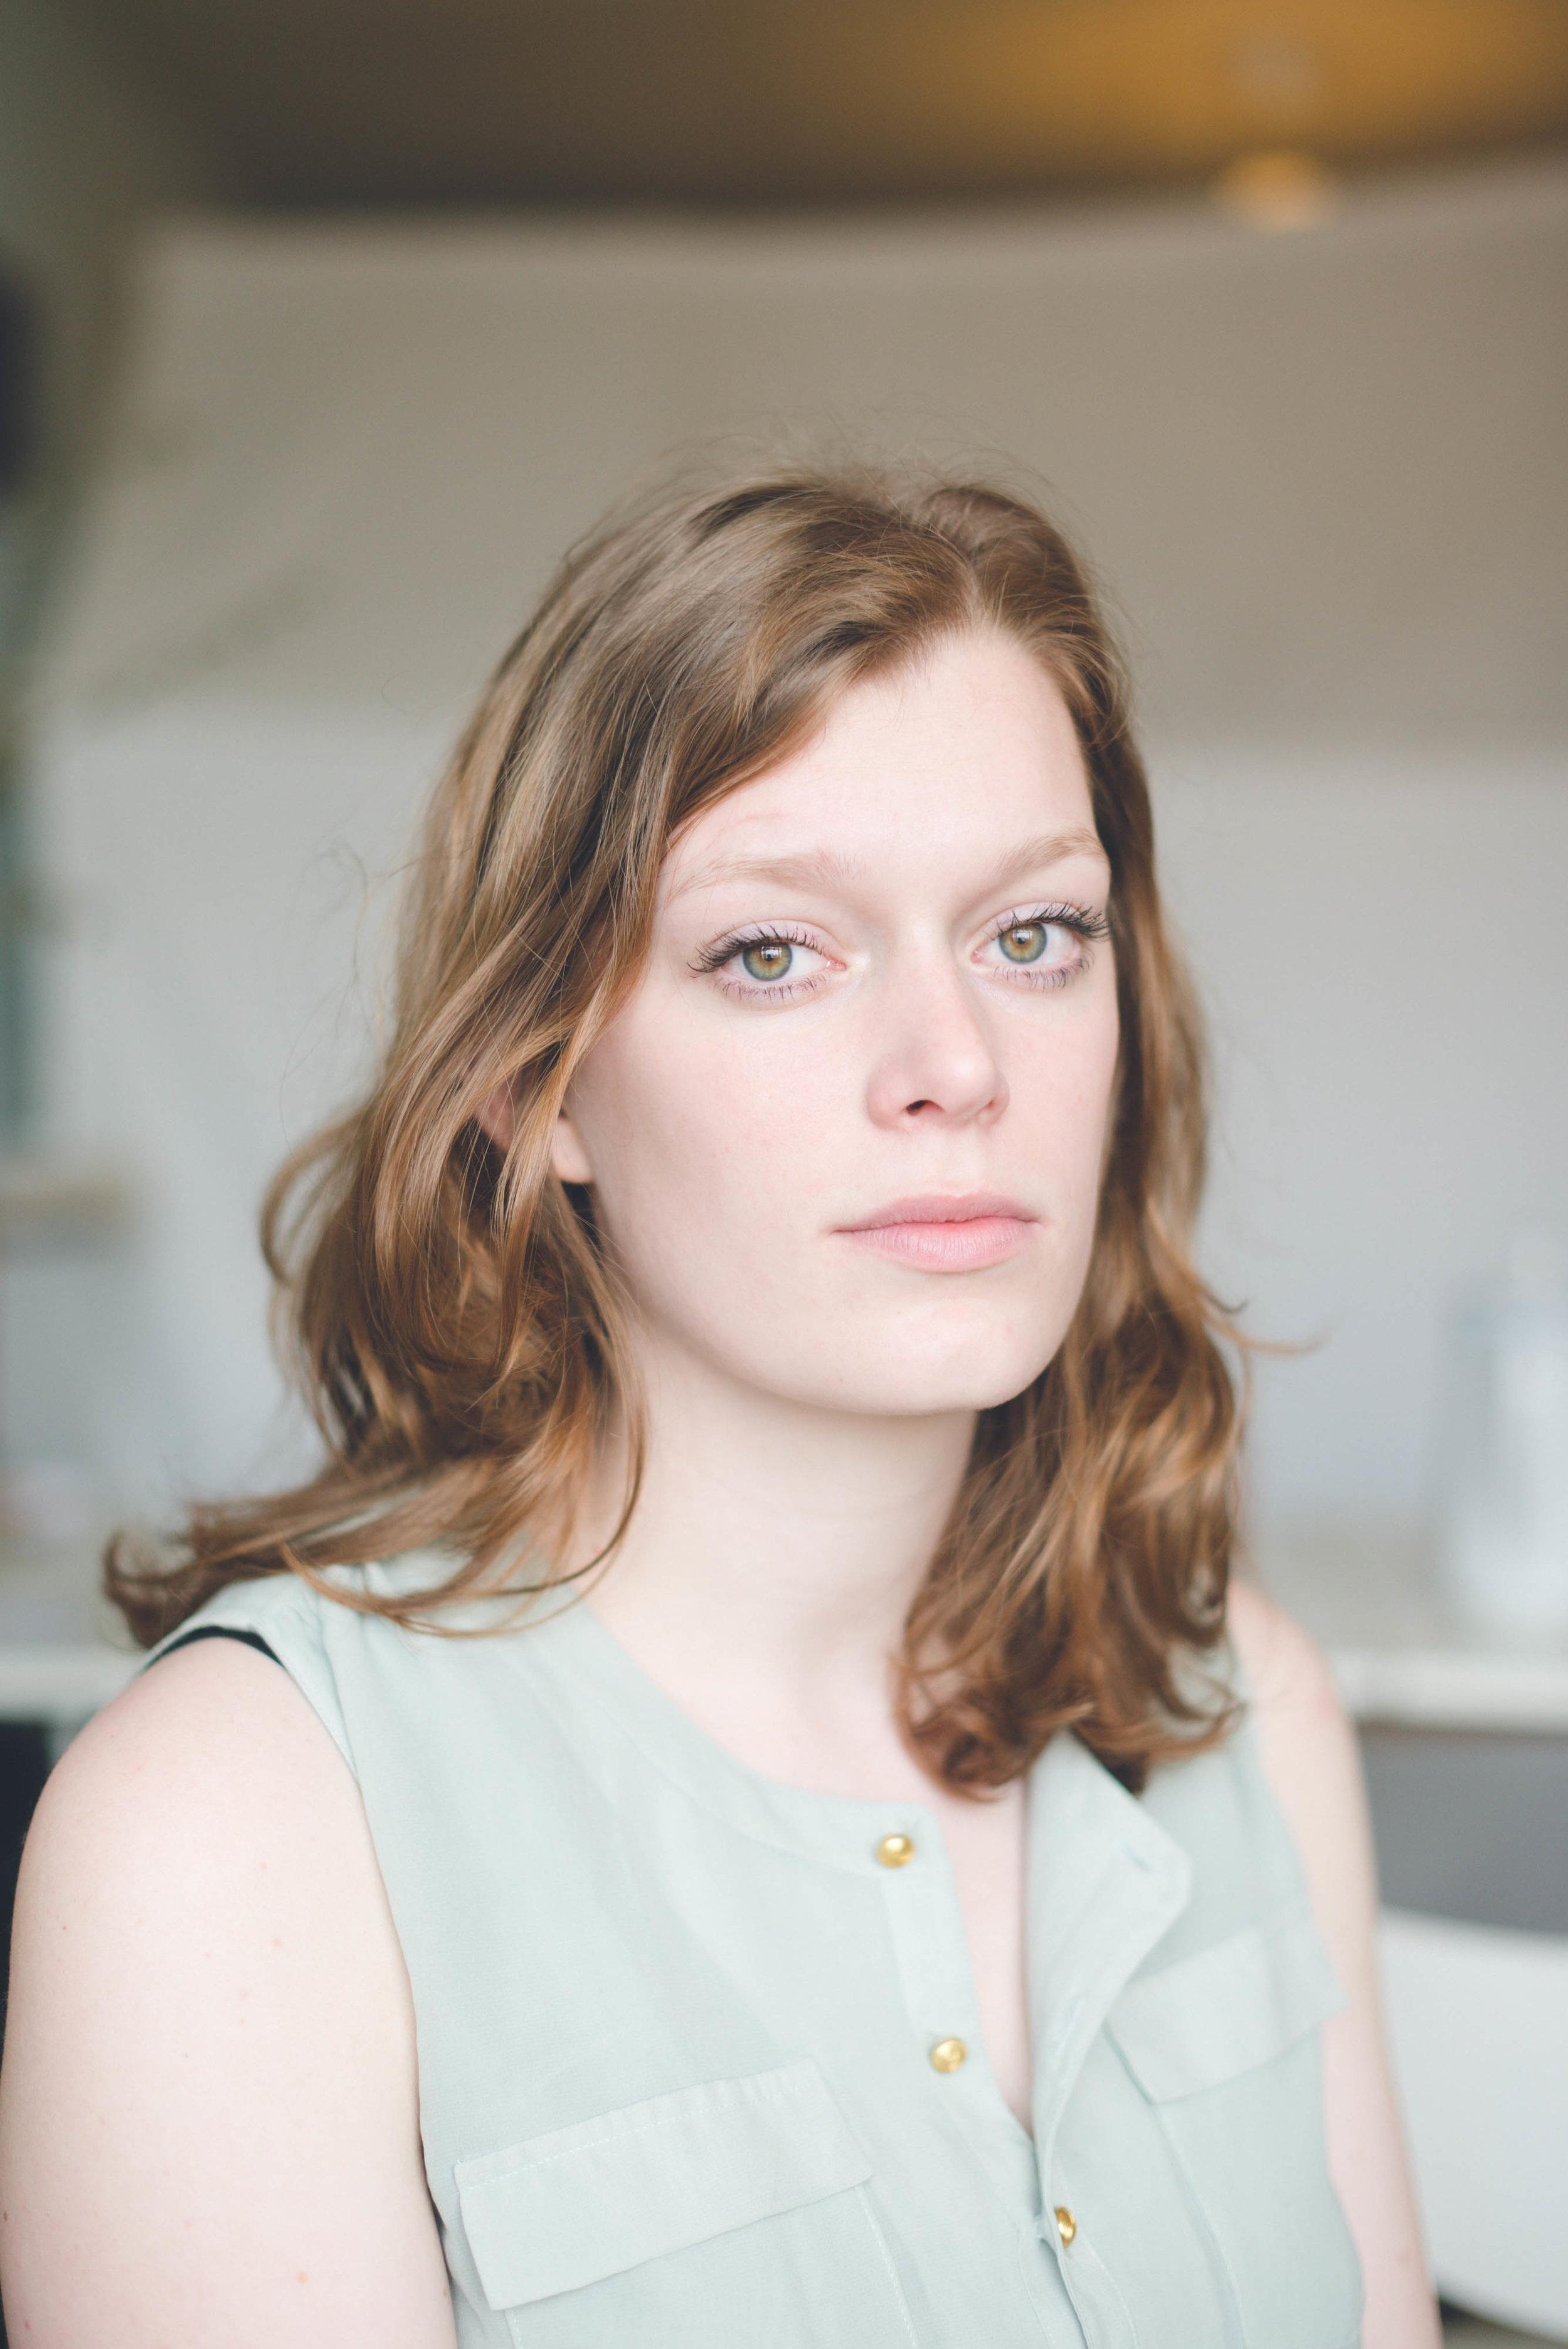 Een portret van een Rotterdamse actrice gemaakt met natuurlijk licht.